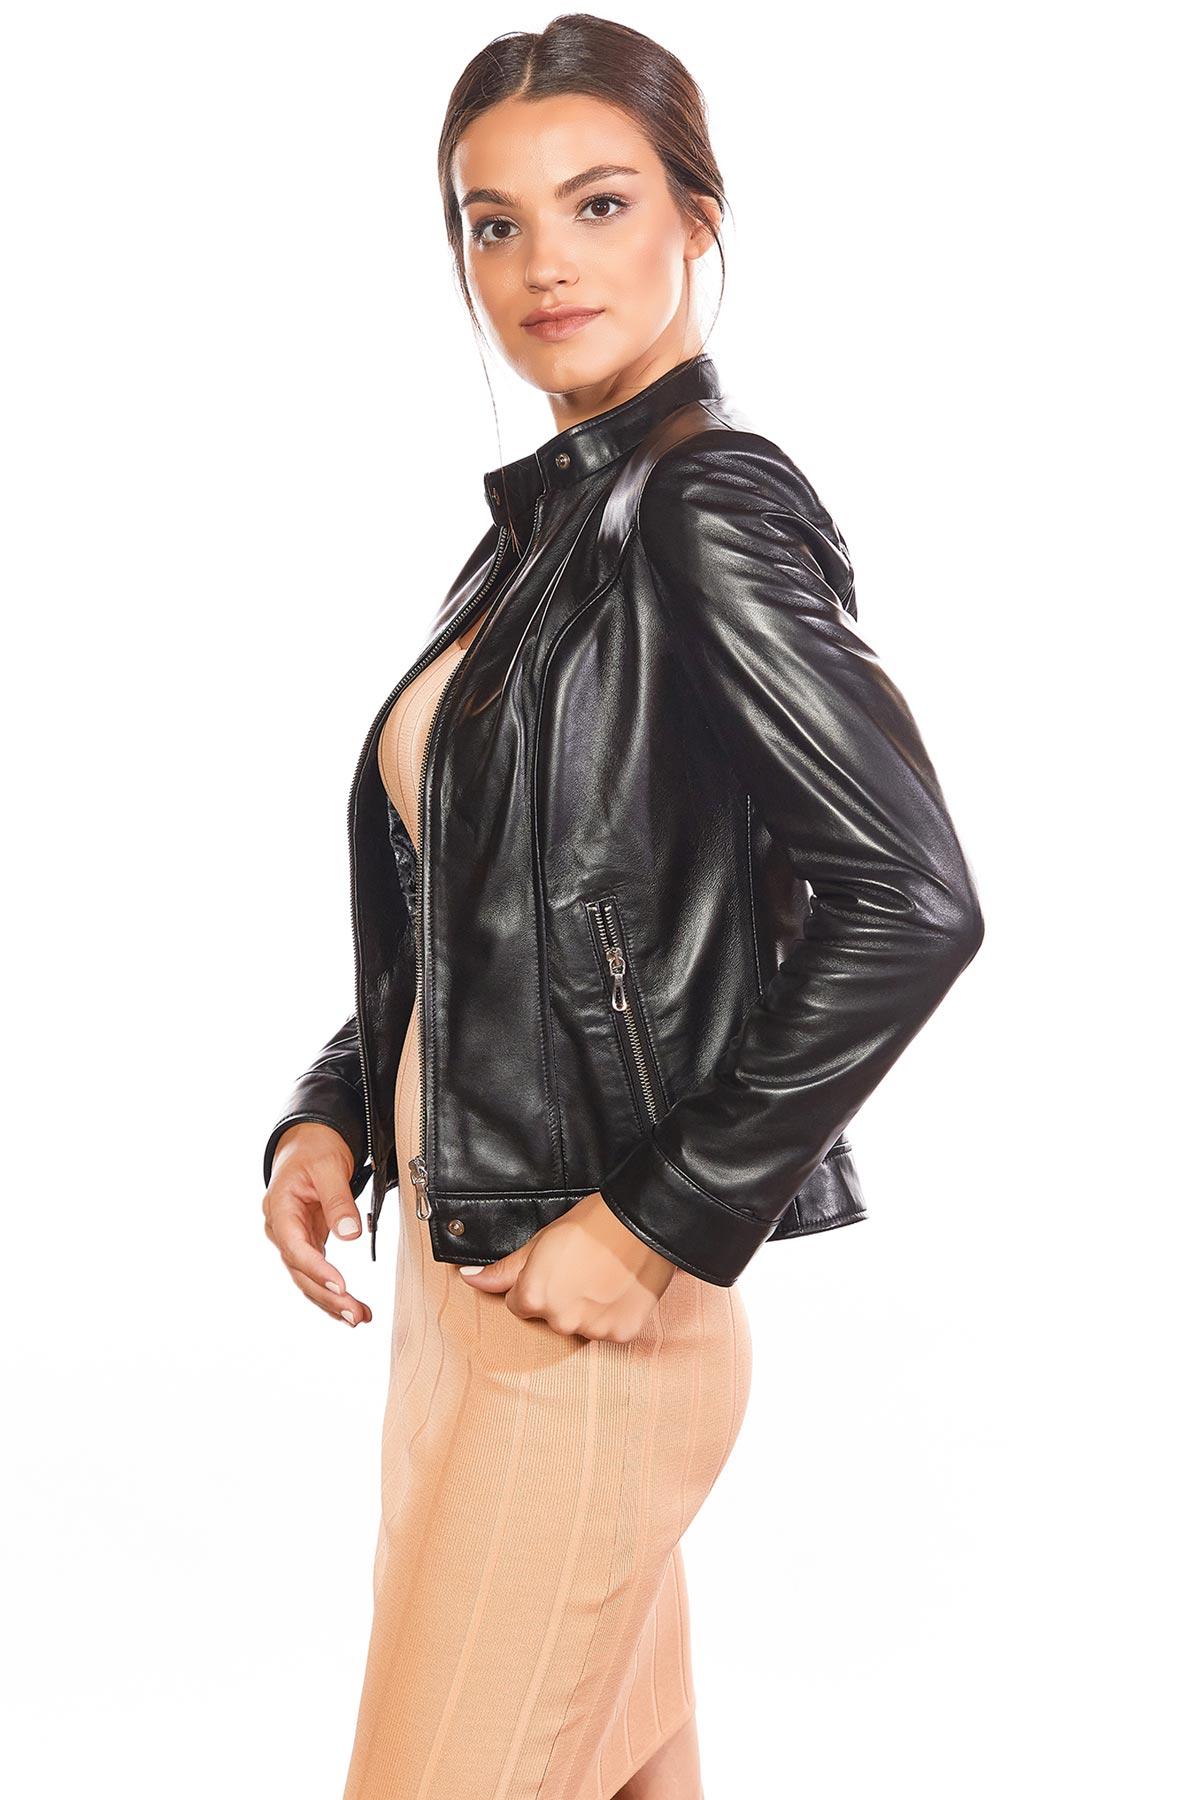 leather jackets houston tx